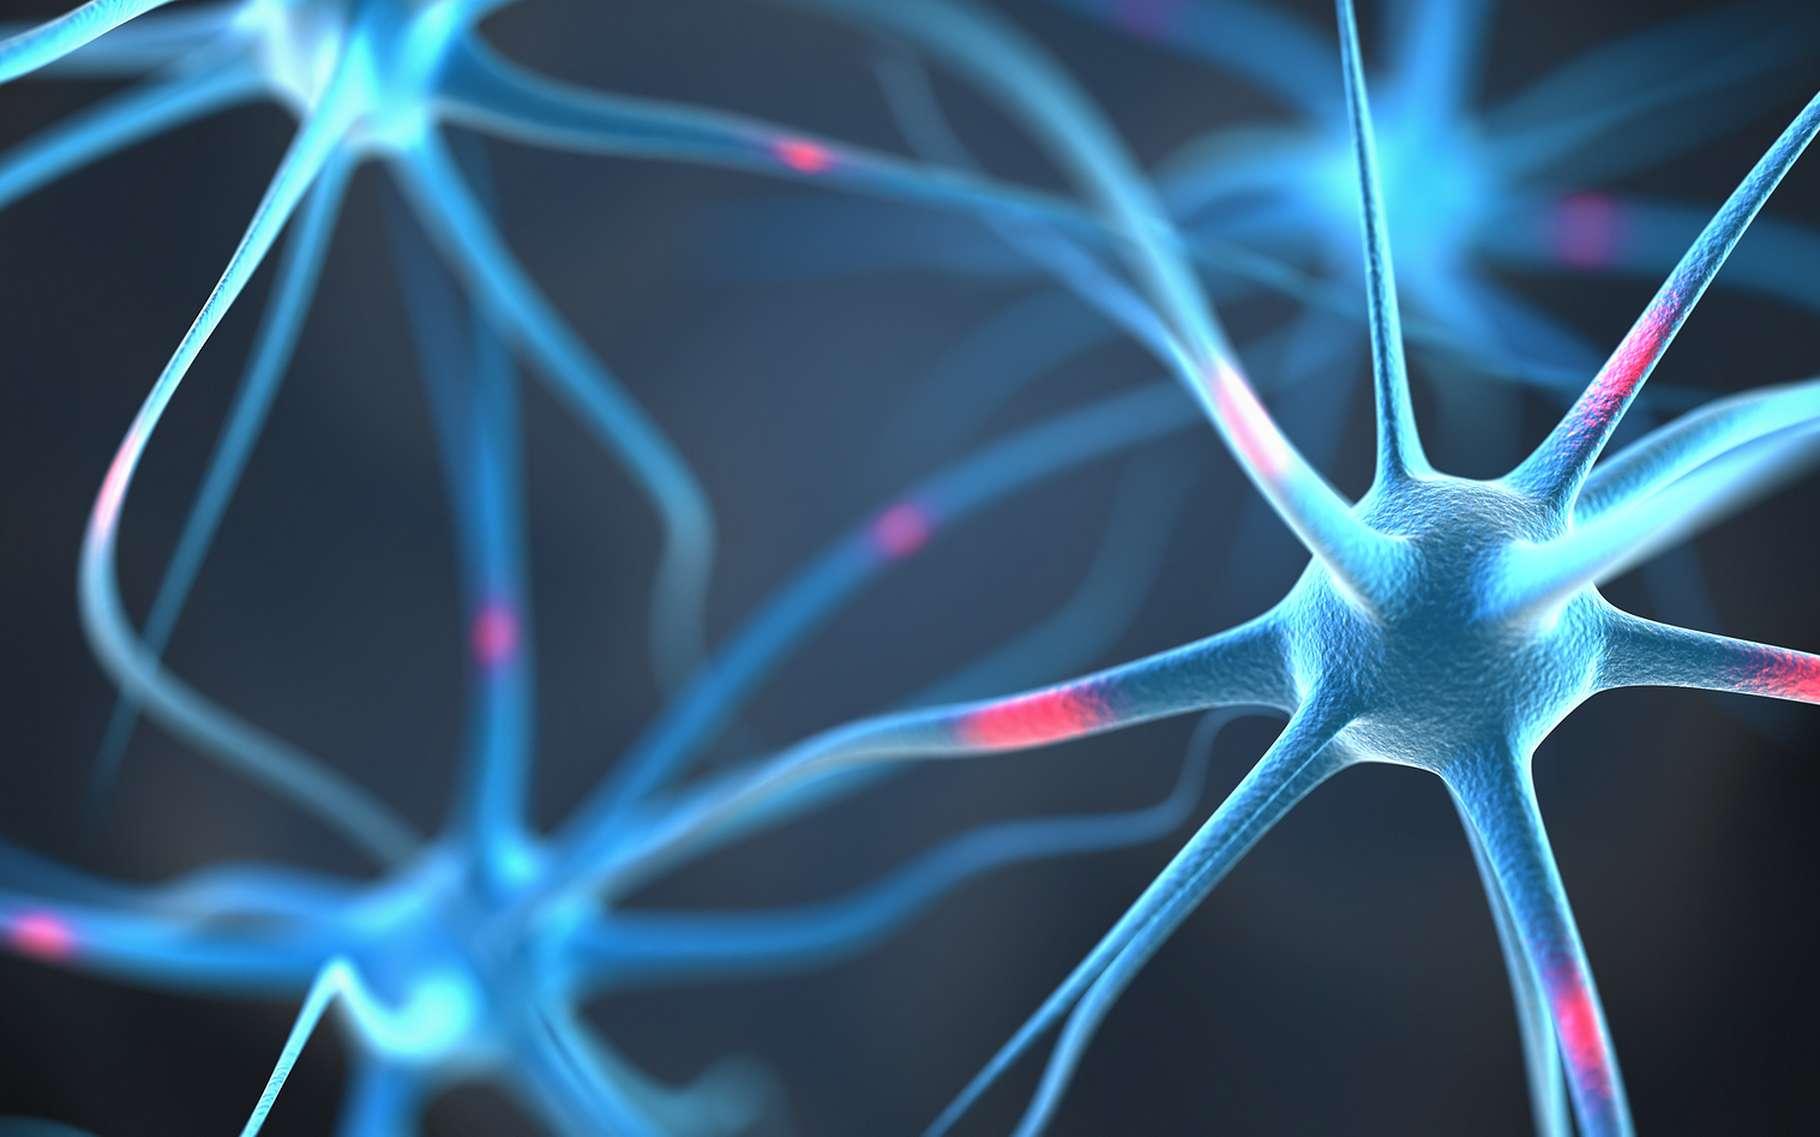 D'après l'hypothèse de l'homéostasie synaptique, le sommeil permet une mise en repos des connexions entre neurones, ce qui améliore les performances à l'éveil. © Leigh Prather, Shutterstock